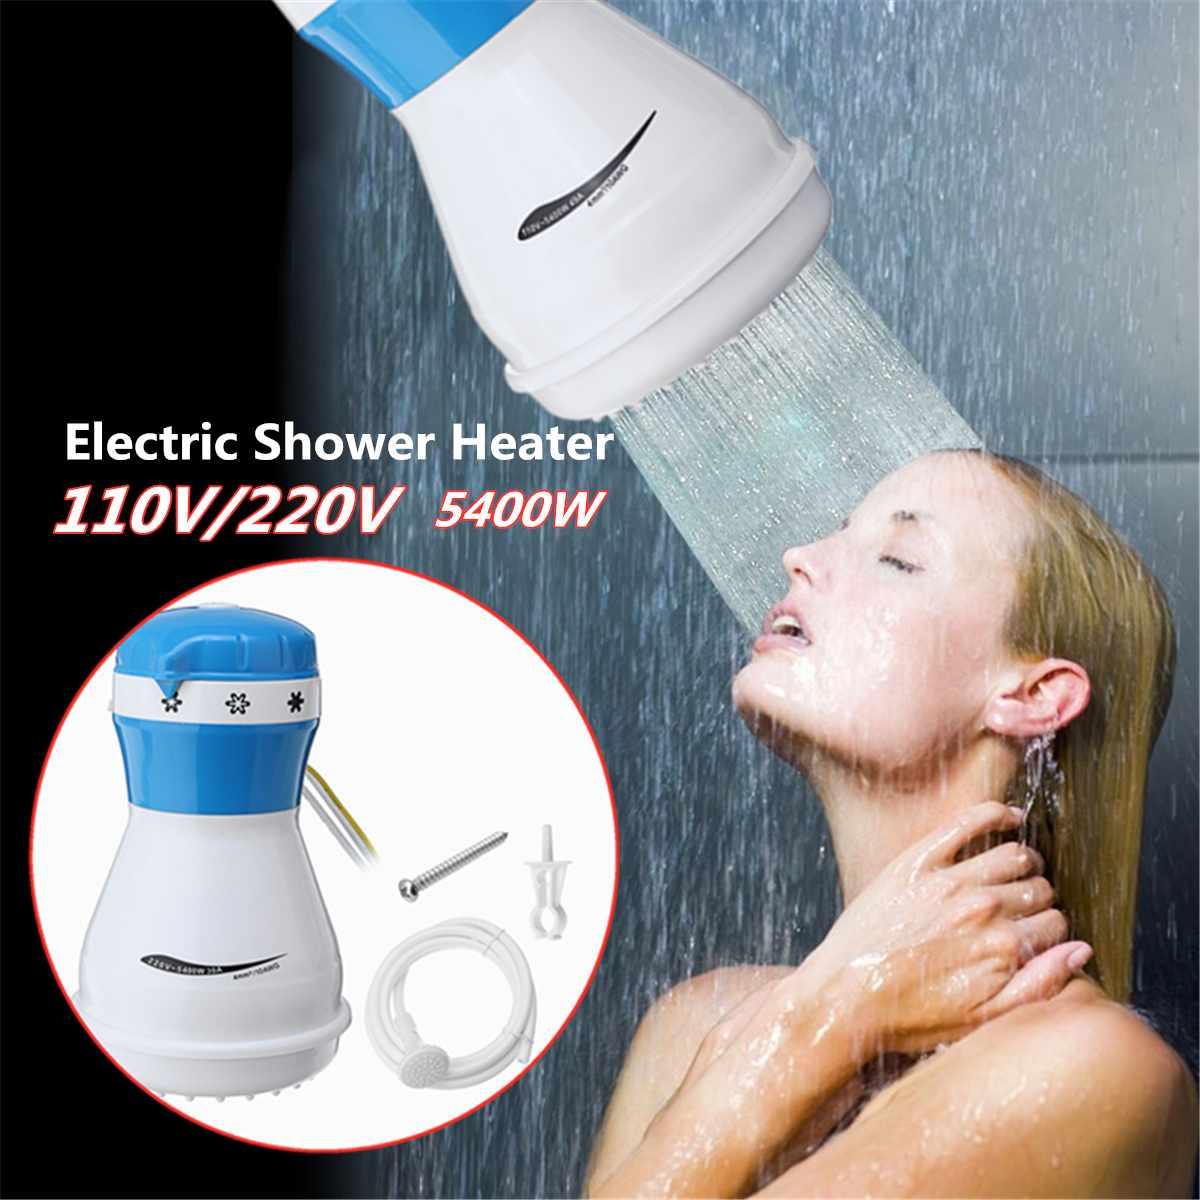 5400W 110 V/220 V chauffe-douche électrique robinet chaud instantané salle de bains chauffage de l'eau chauffe-eau instantané